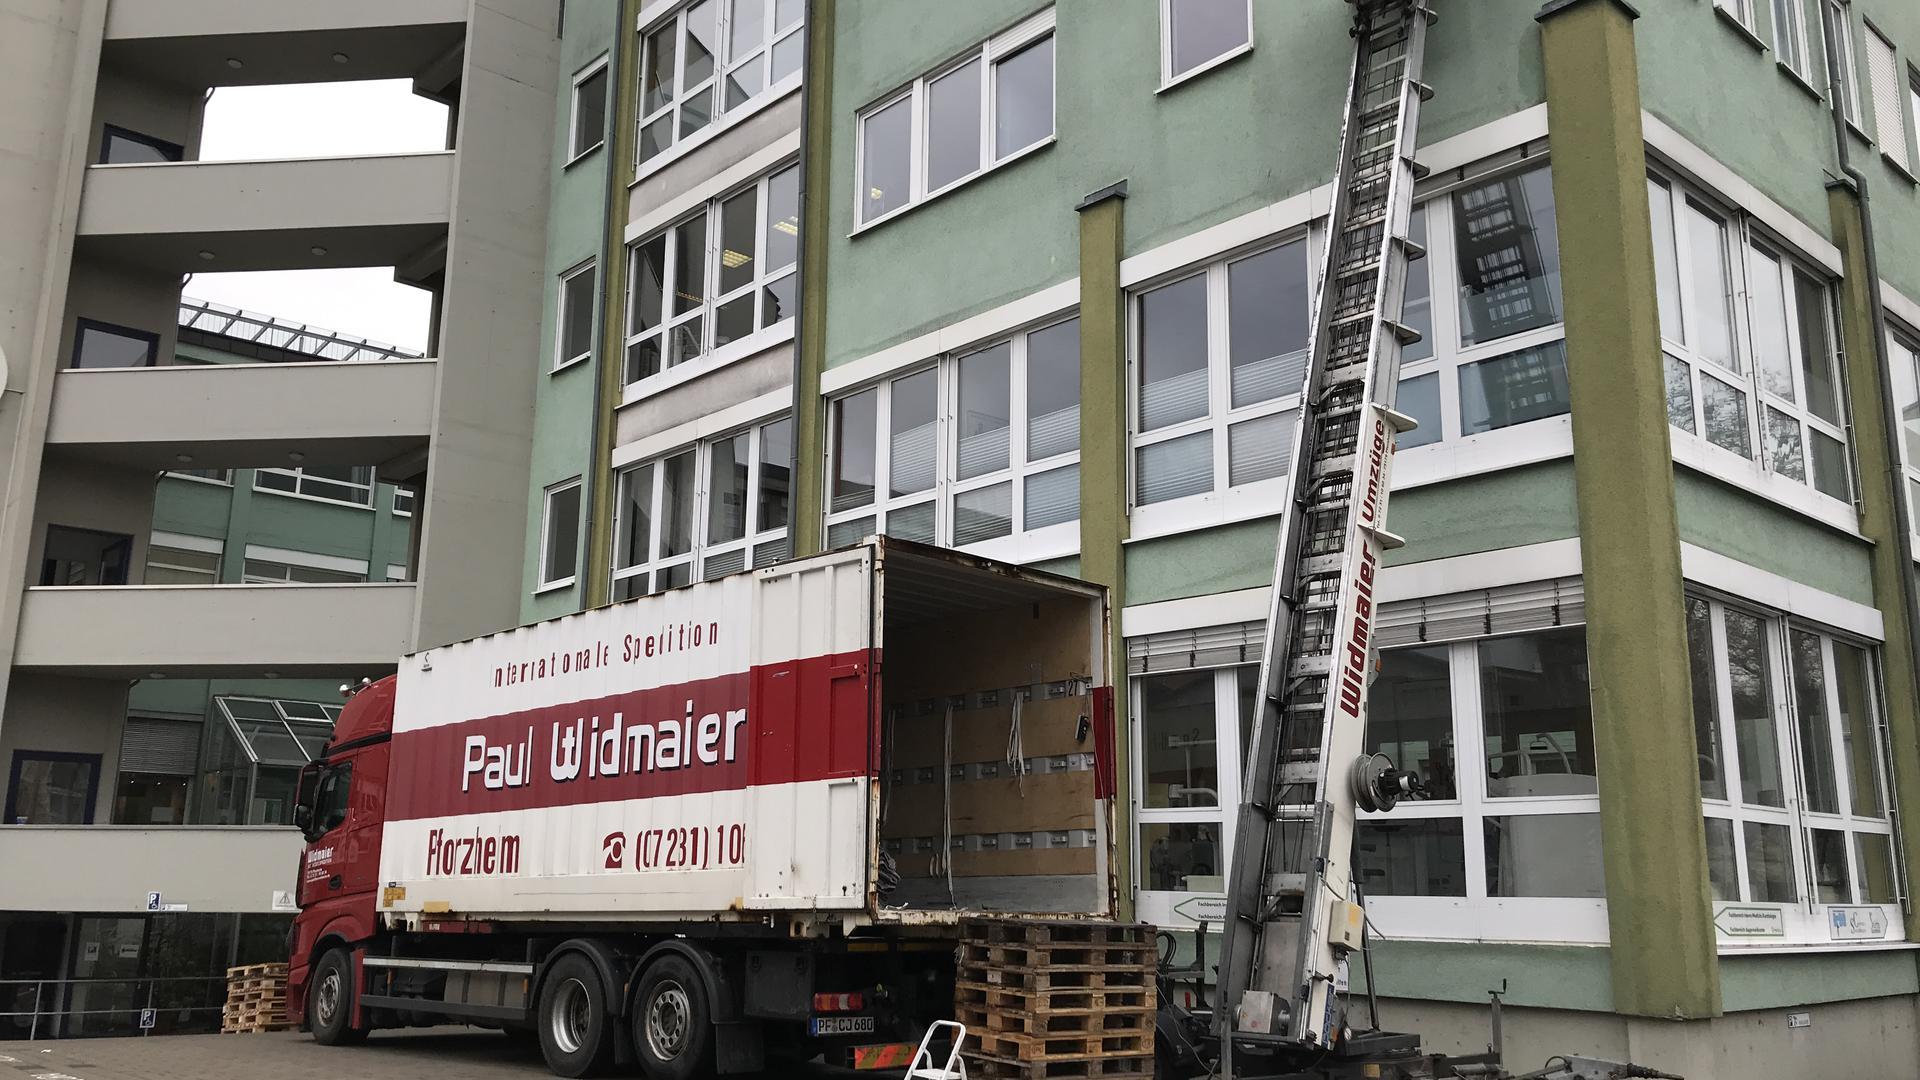 Drei Stockwerke sind leer: Das Acura Wagner Gesundheitszentrum in der Habermehlstraße wird momentan ausgeräumt. Die Verhandlung vor dem Landgericht Karlsruhe befindet sich derzeit in der Schwebe.